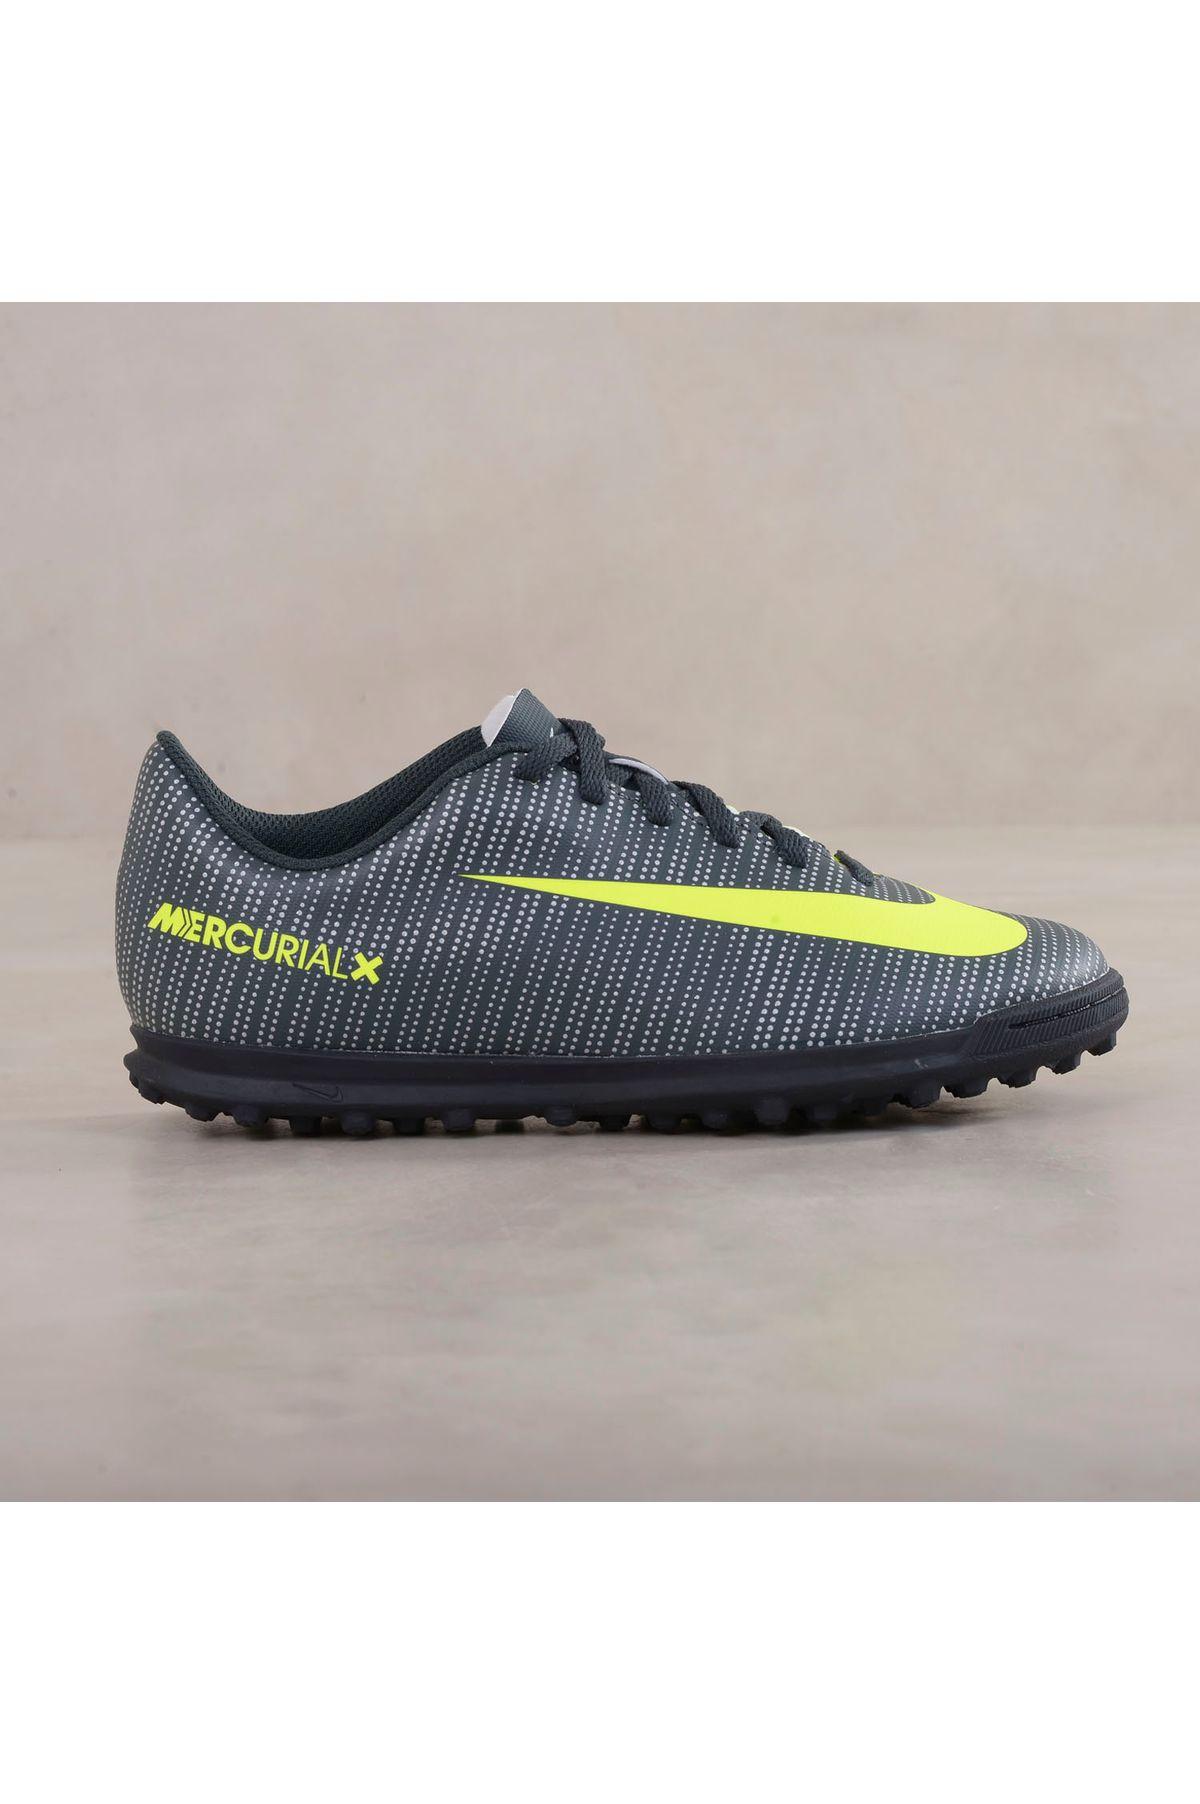 faa3681a1ef40 Chuteira Jr Nike Mercurial Cr07 | Mundial Calçados - Mundial Calçados